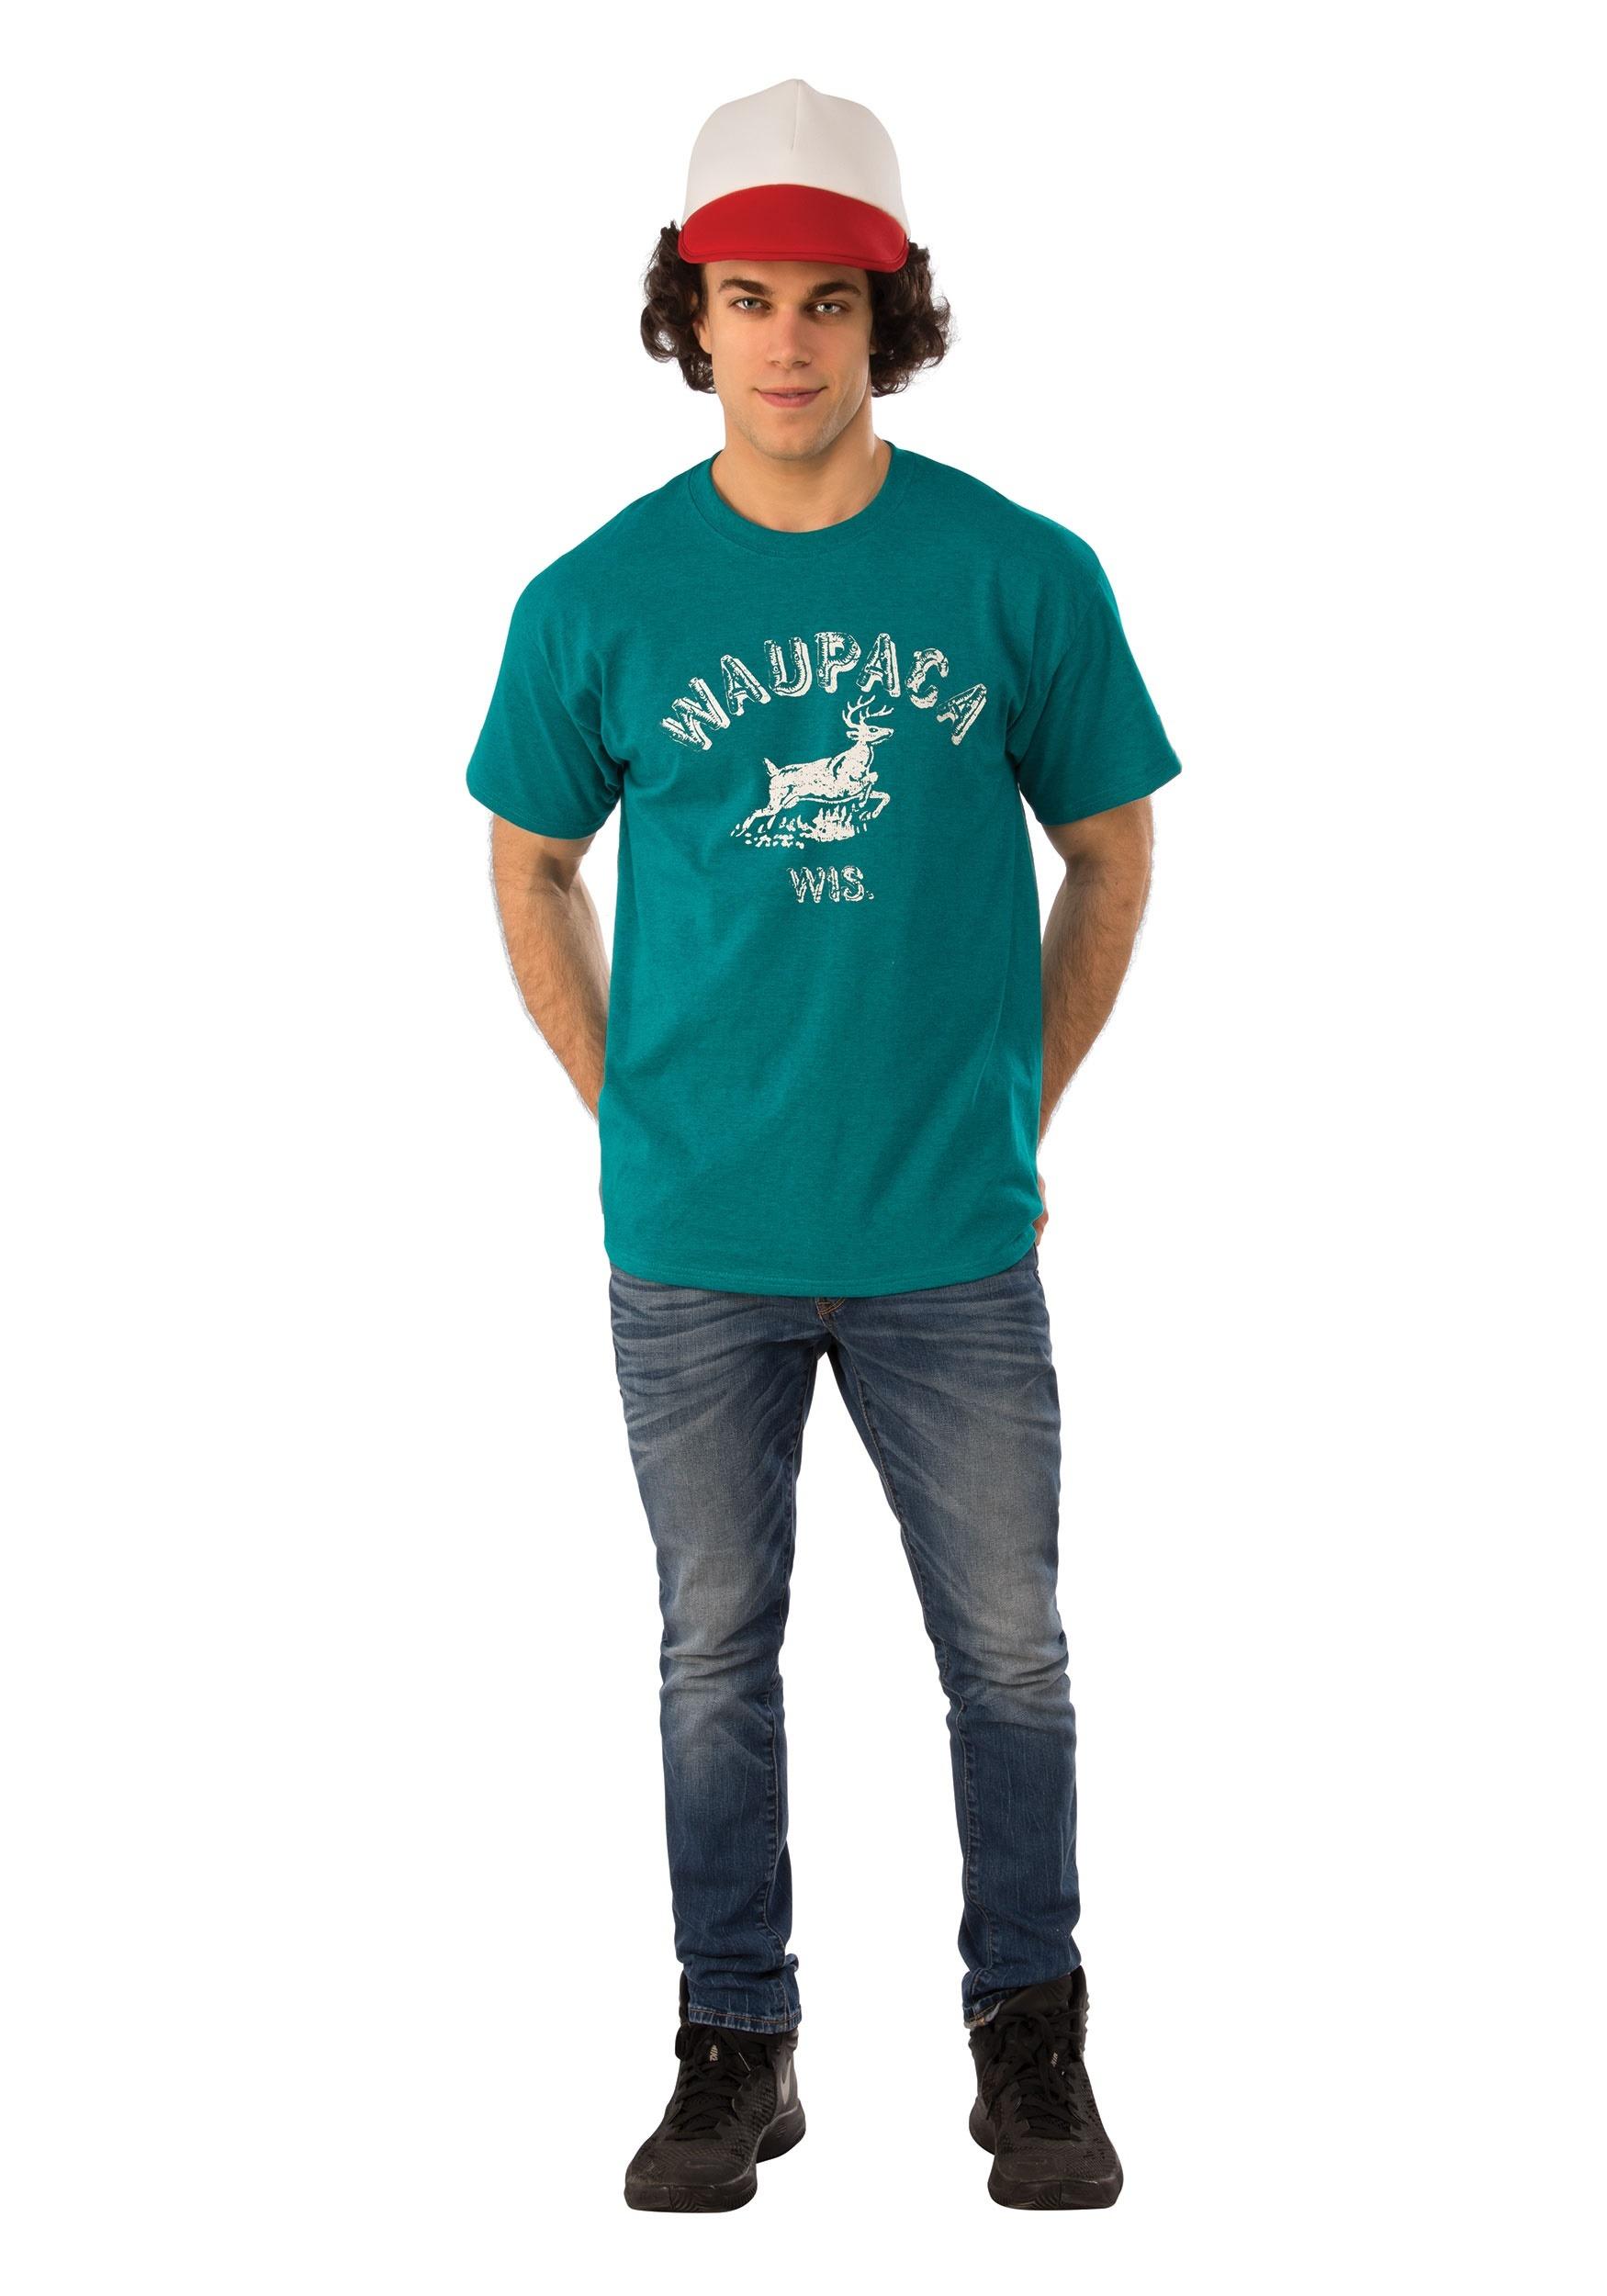 e0ef2b3f Stranger Things Dustin T Shirt Uk